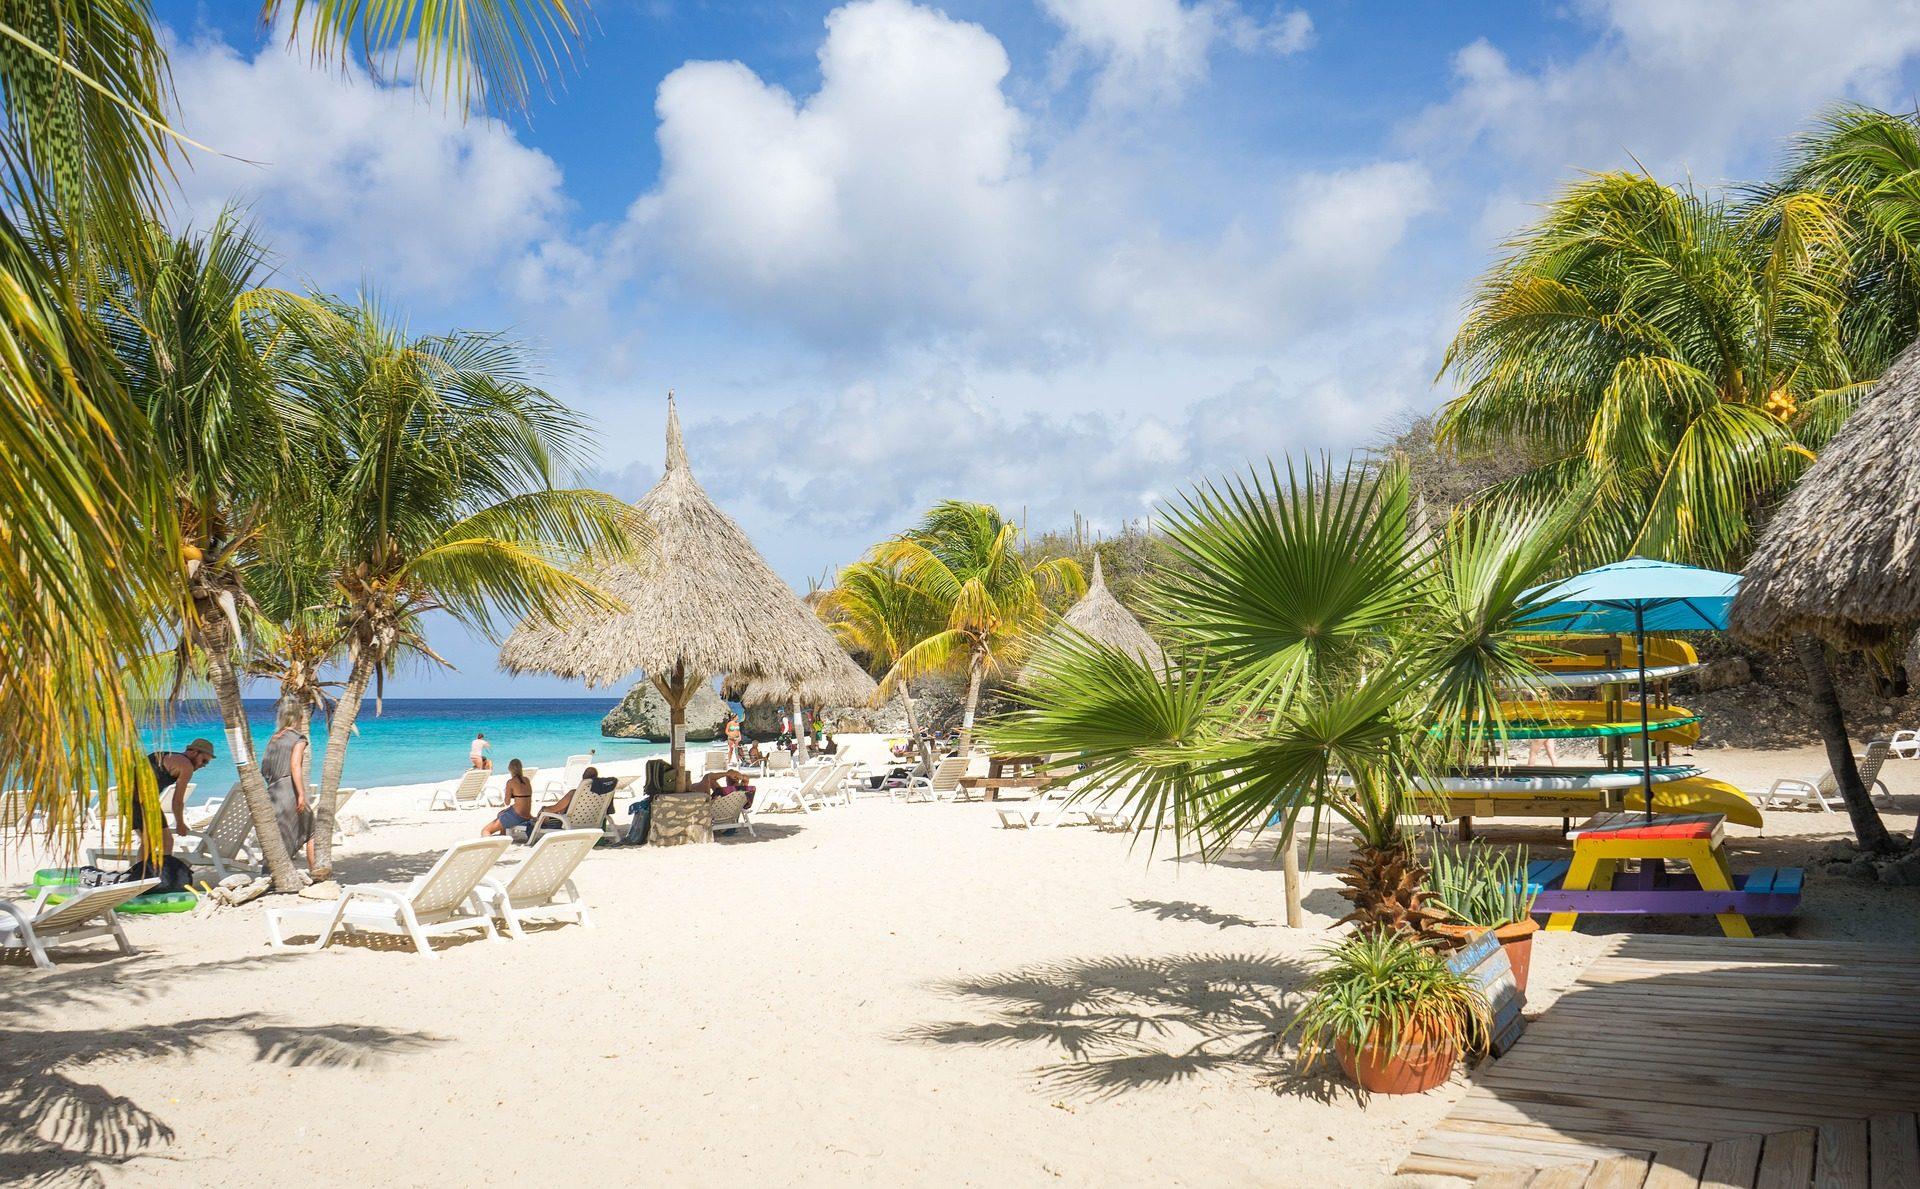 Karibik Urlaub Curacao eine Woche günstig ab 699,15€ - Westpunt 1